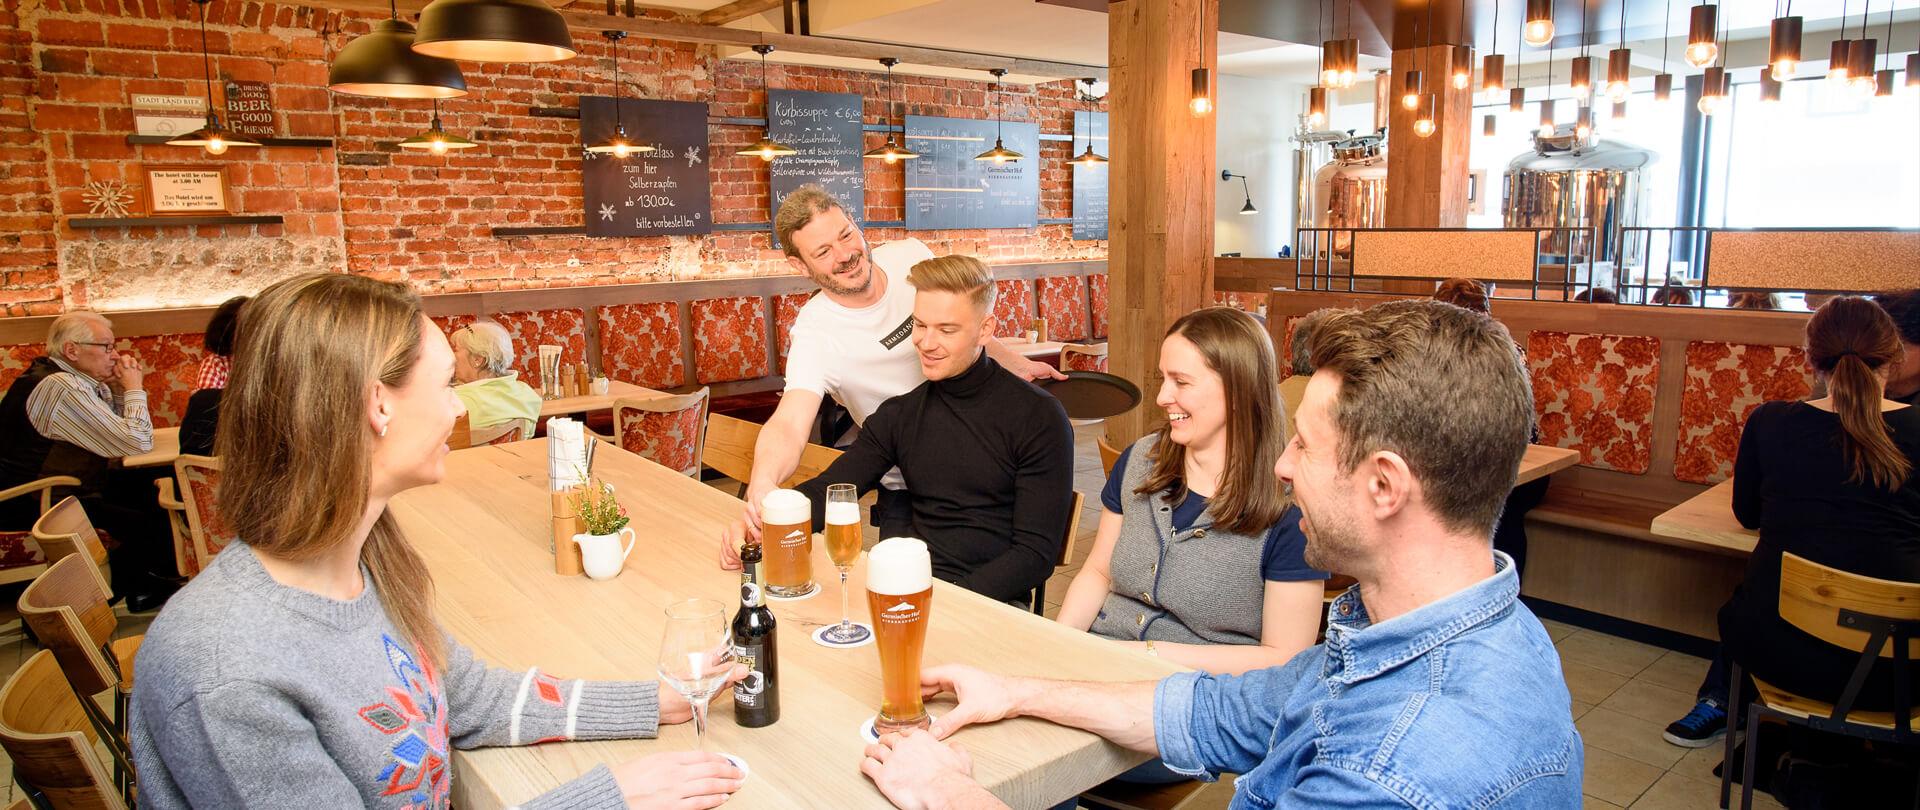 Bier-Brauerei Garmischer Menschen im Local trinken Bier